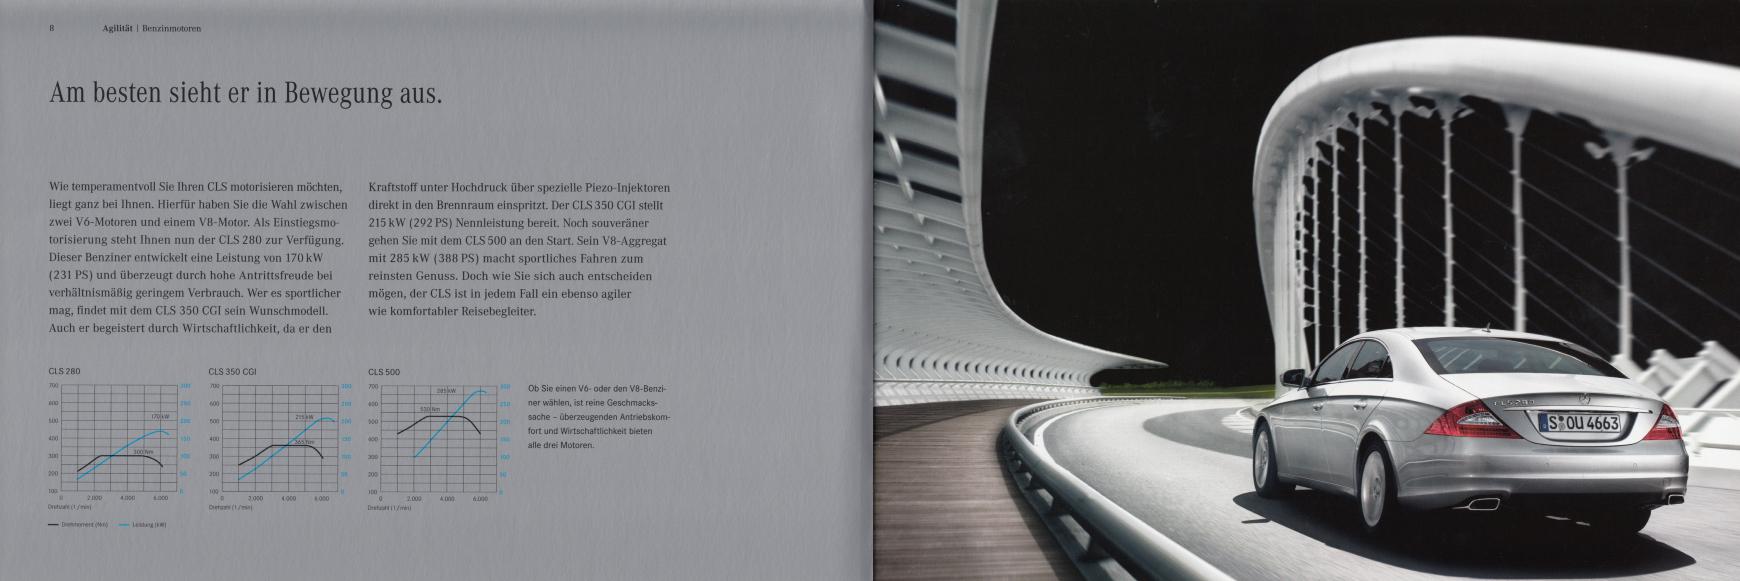 (C219): Catálogo 2008 - alemão 006